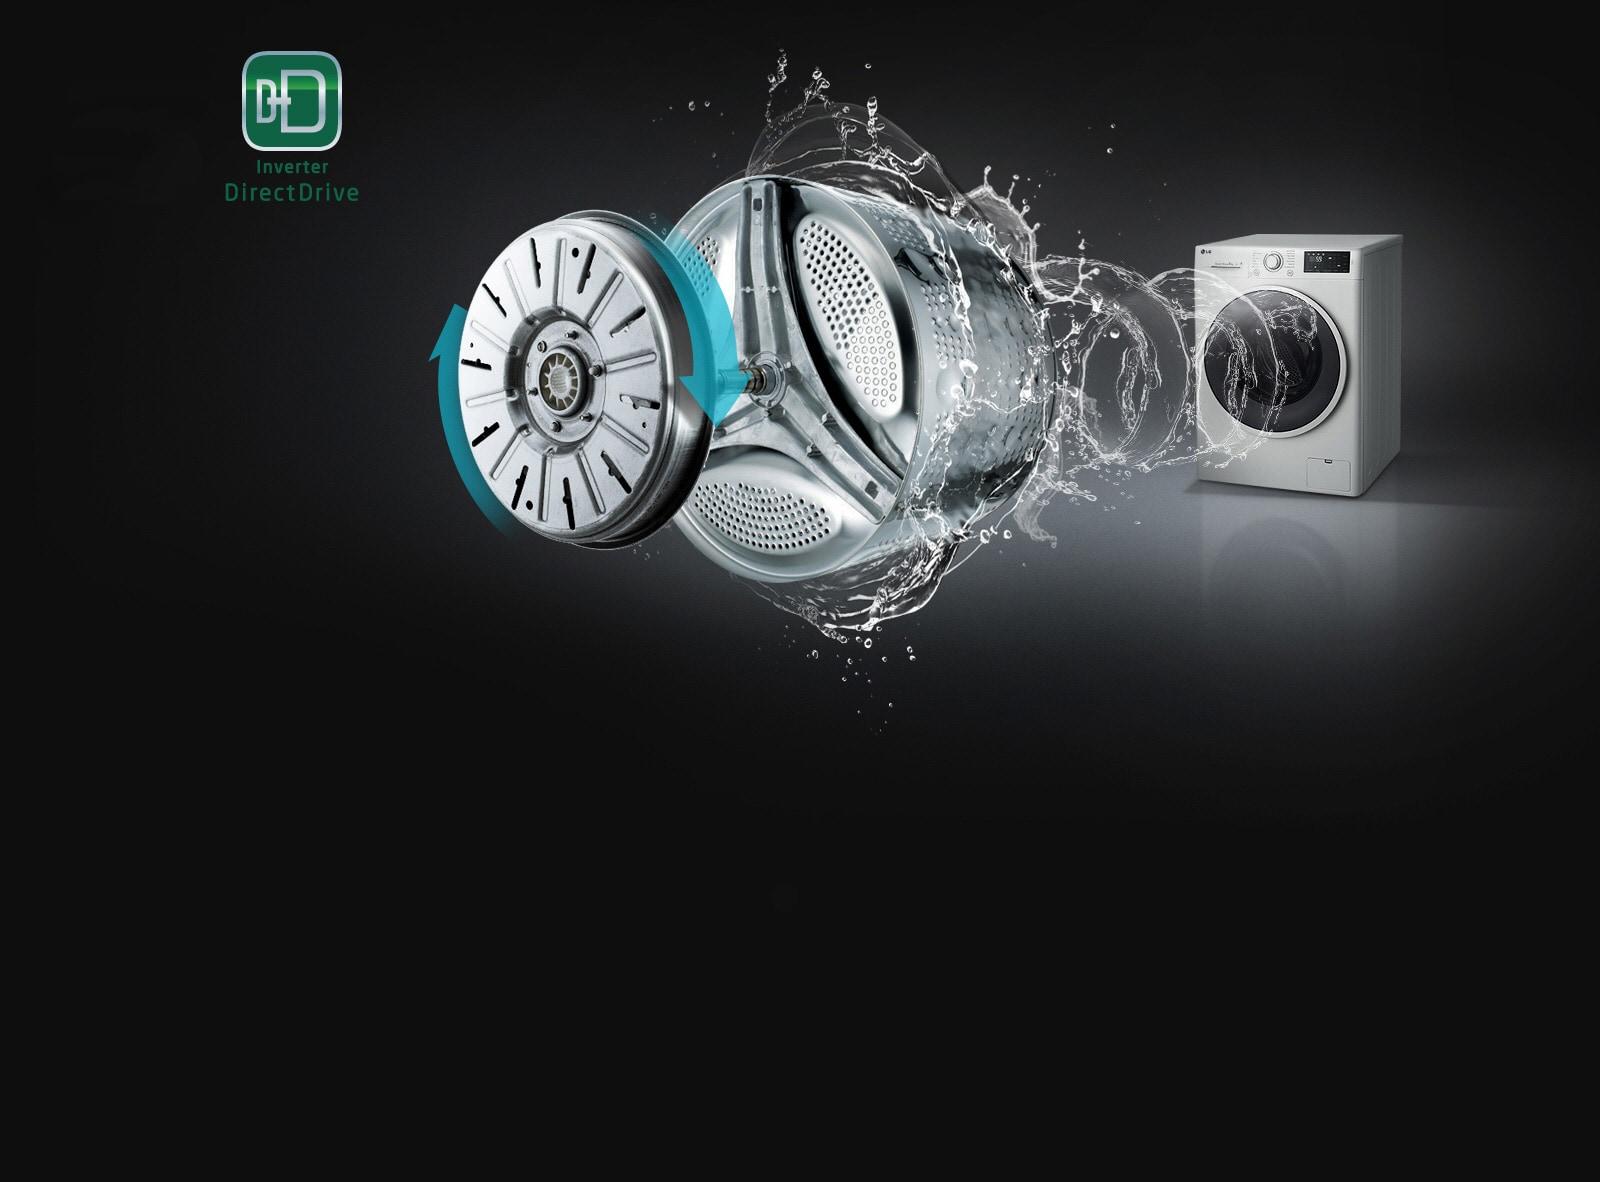 PLUS DE SILENCE, MOINS DE VIBRATIONS grâce au moteur Inverter Direct Drive™